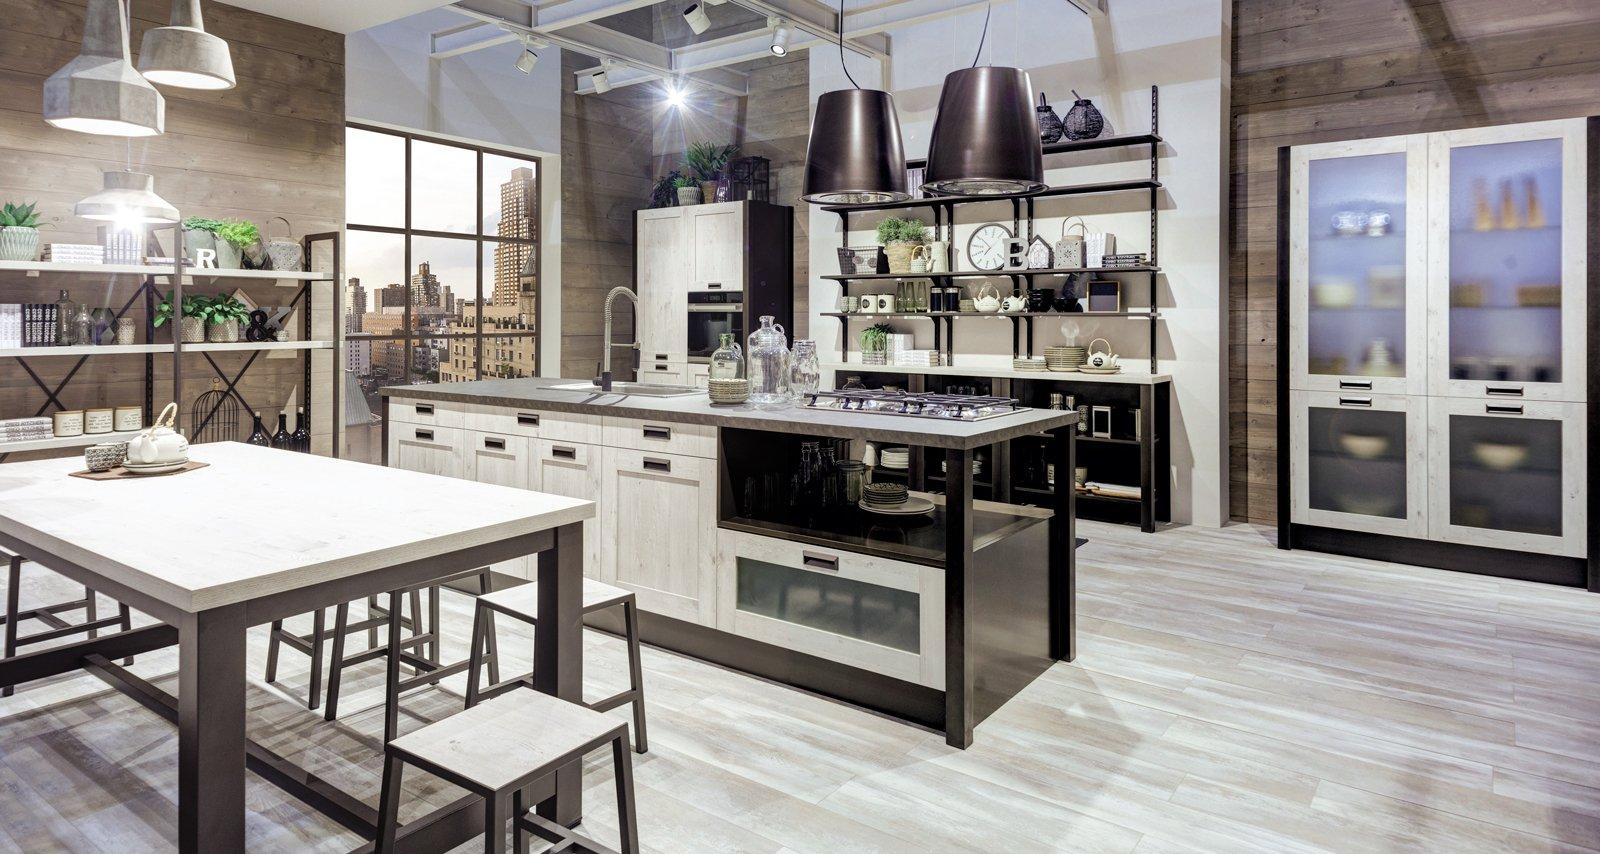 Disegno cucine con dispensa angolare : 100+ [ Dispense Angolari Per Cucine ] | Best Dispense Cucine ...